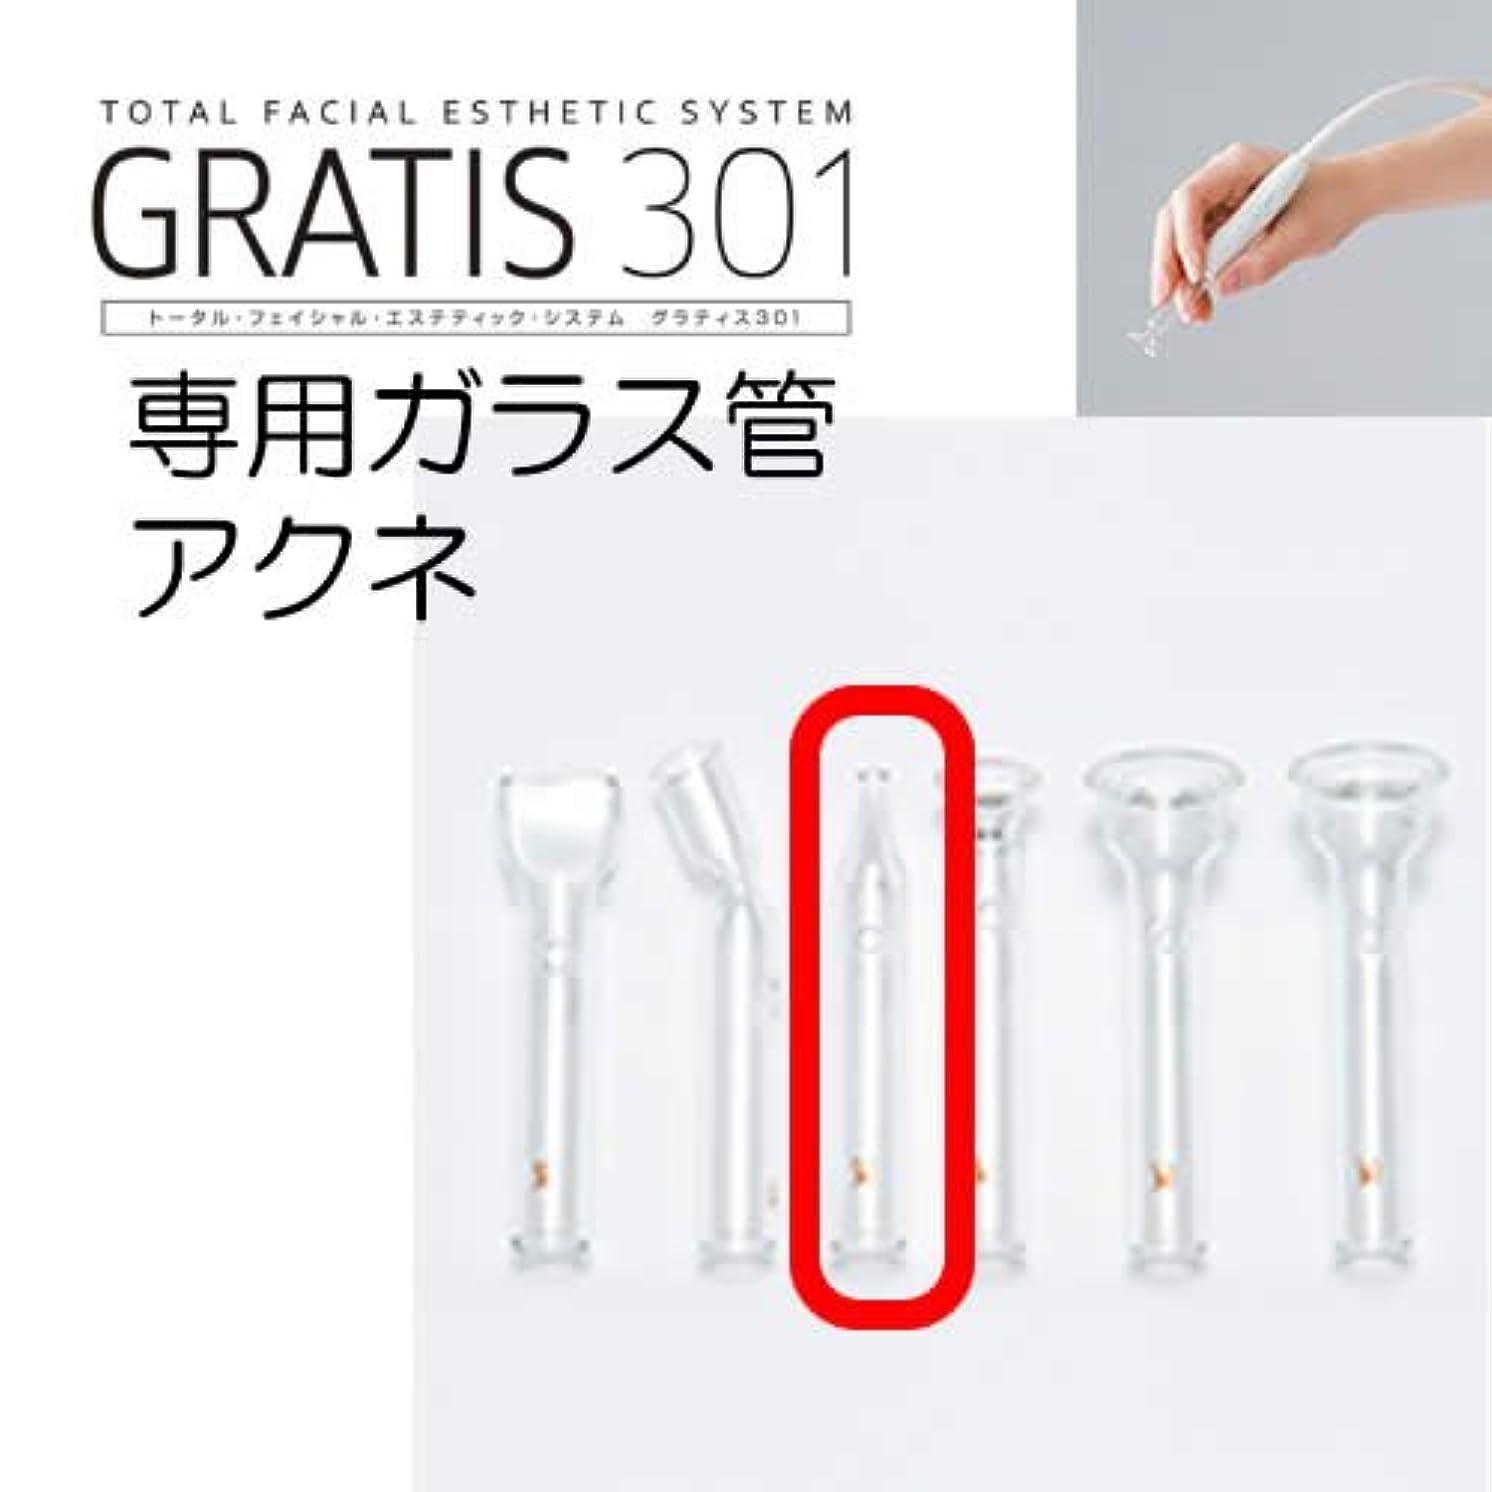 ビット不愉快持っているGRATIS 301(グラティス301)専用ガラス管 アクネ(2本セット)